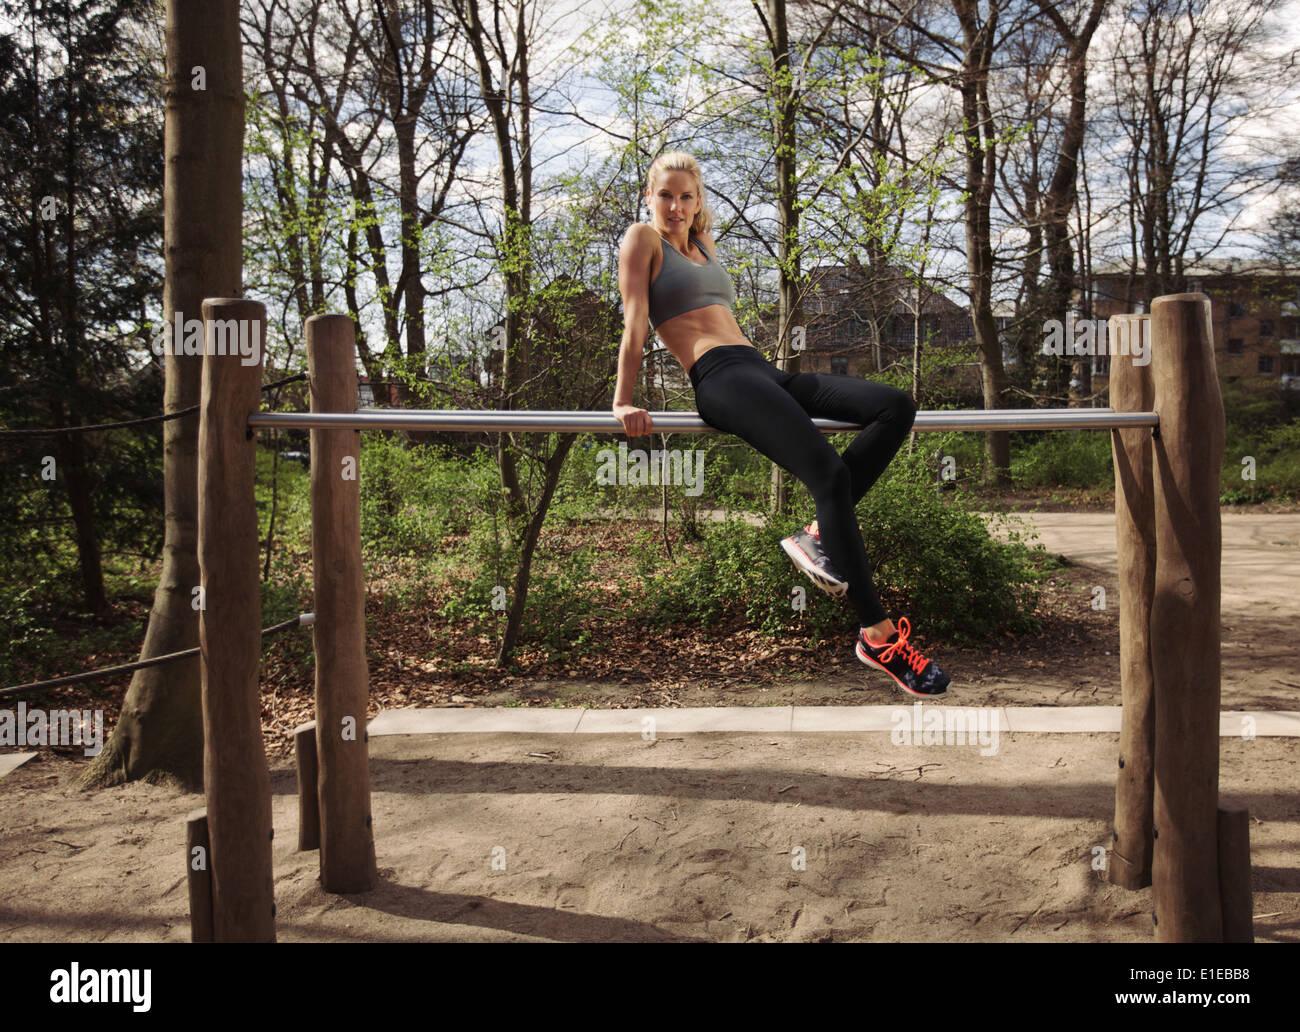 Montare la giovane donna seduta su barre parallele. Donna prendendo il resto dopo tricipiti dips esercizio presso il park. Immagini Stock